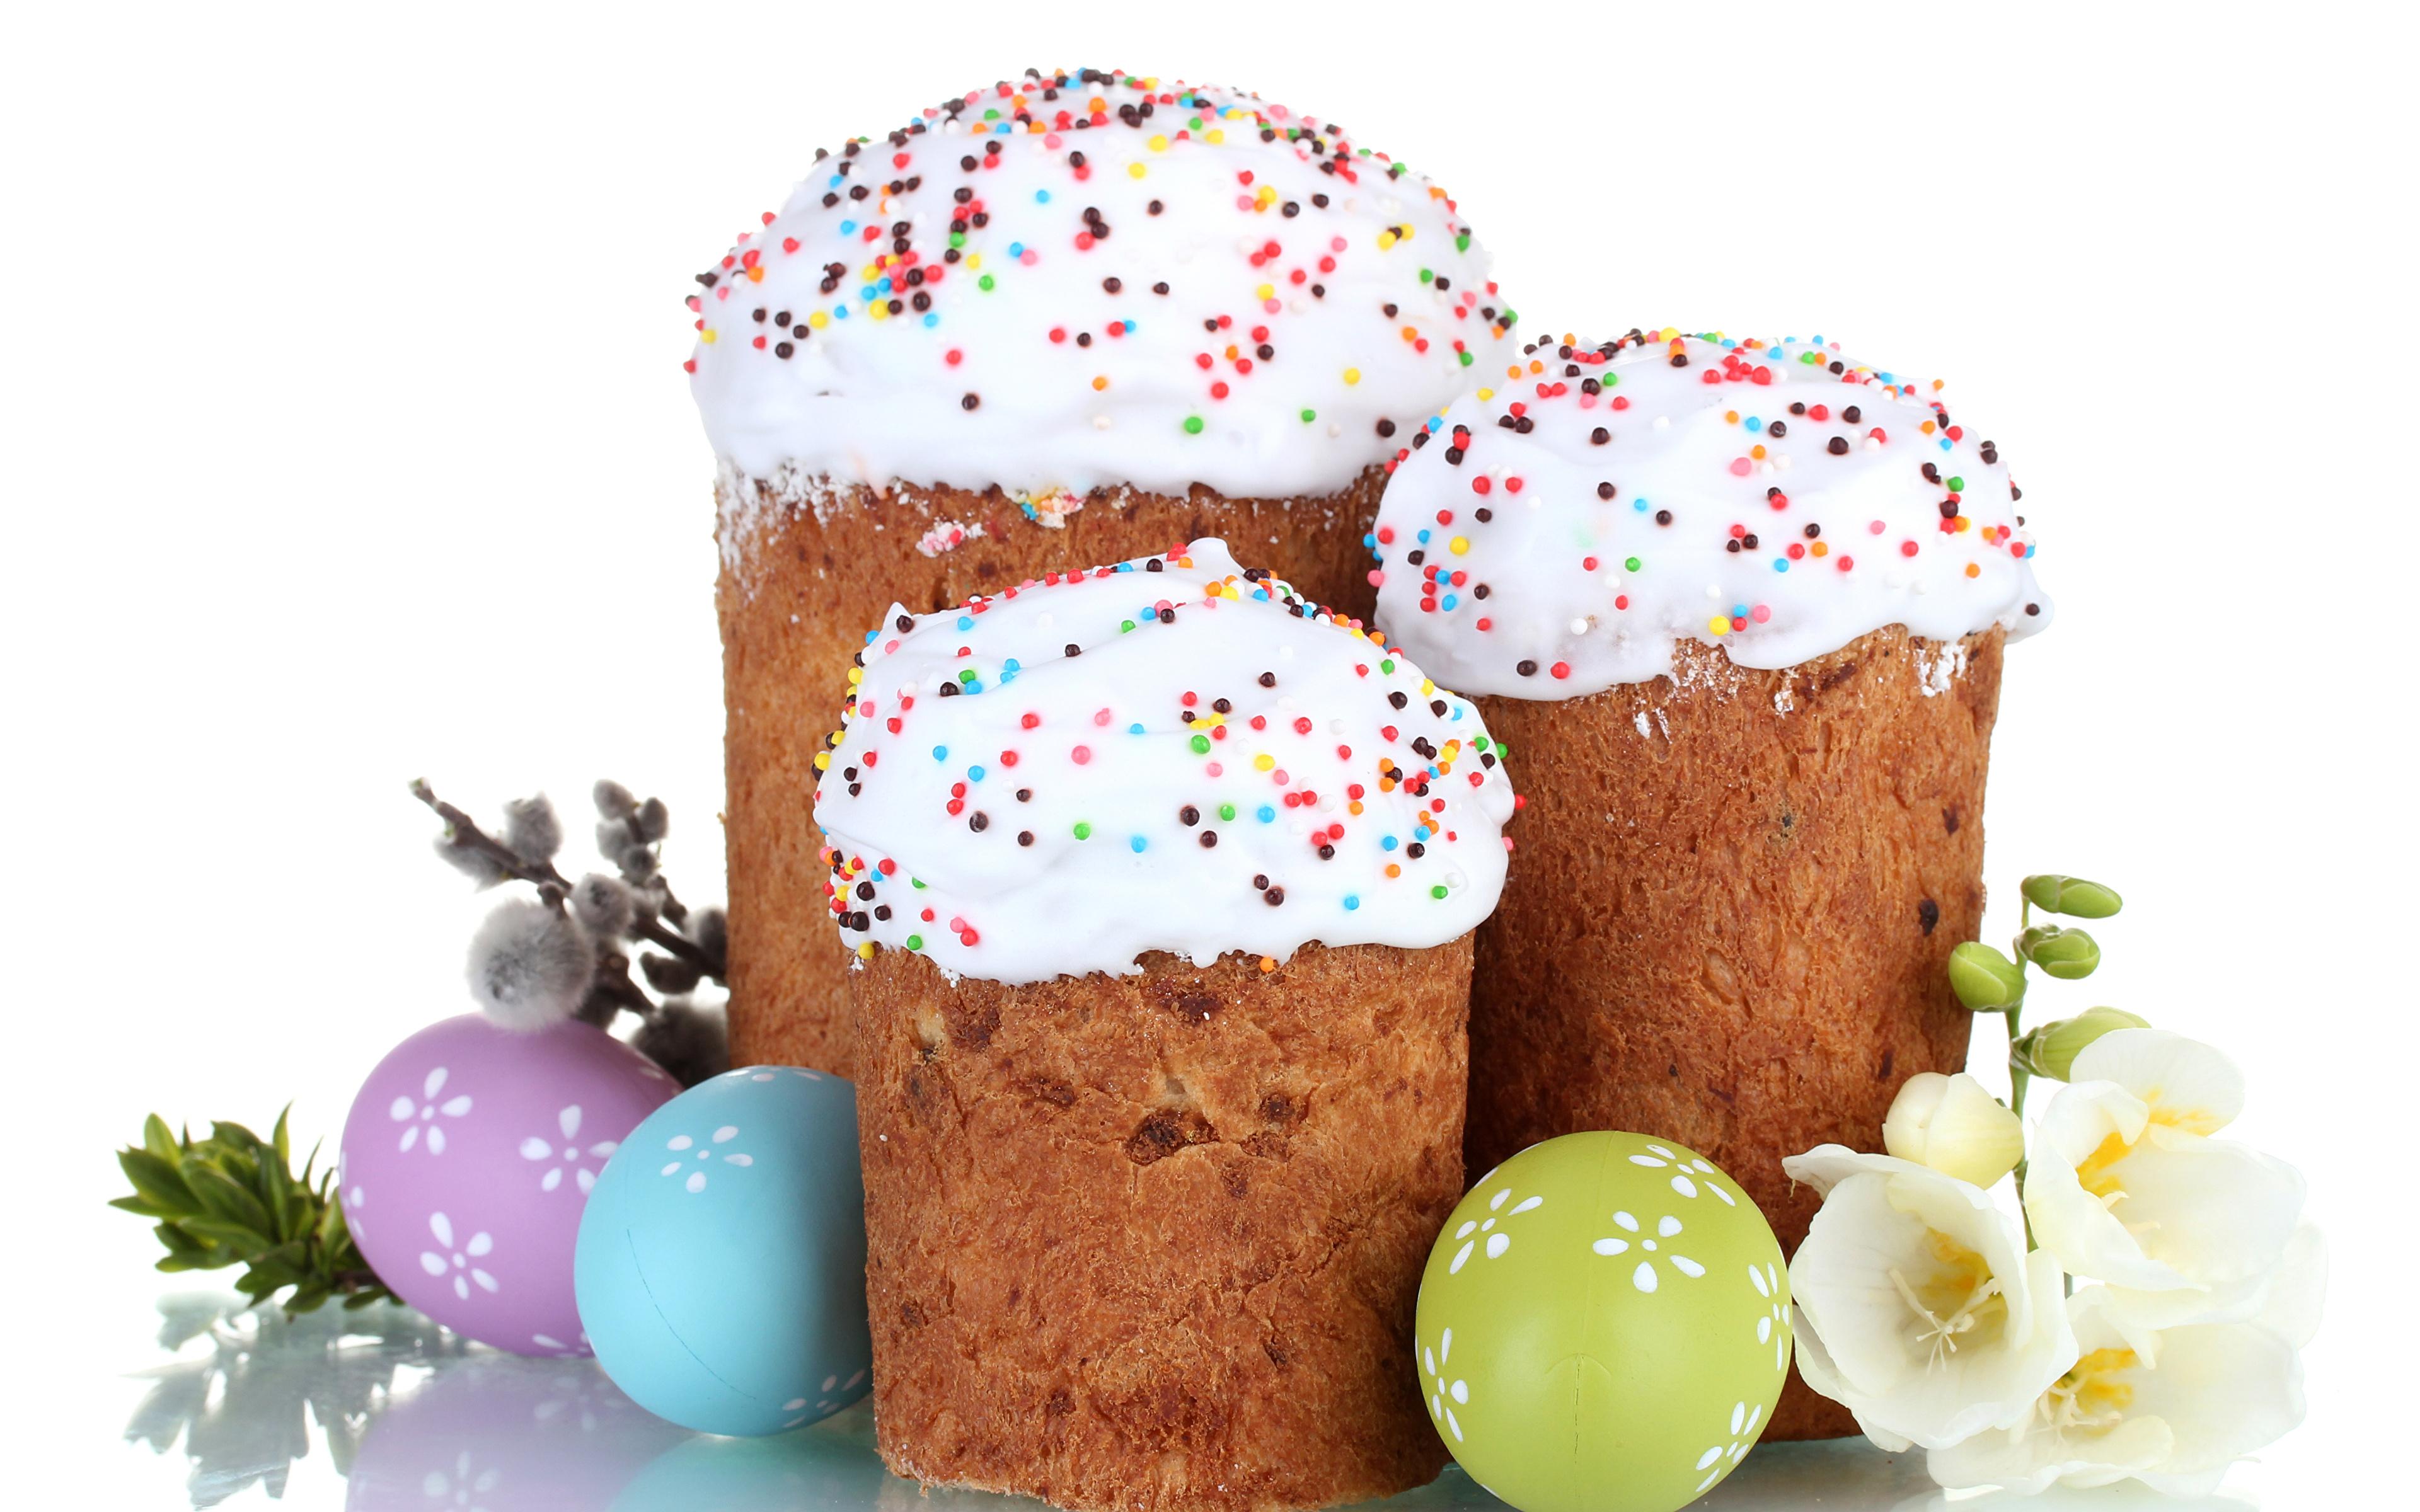 праздник пасха кулич яйца бесплатно